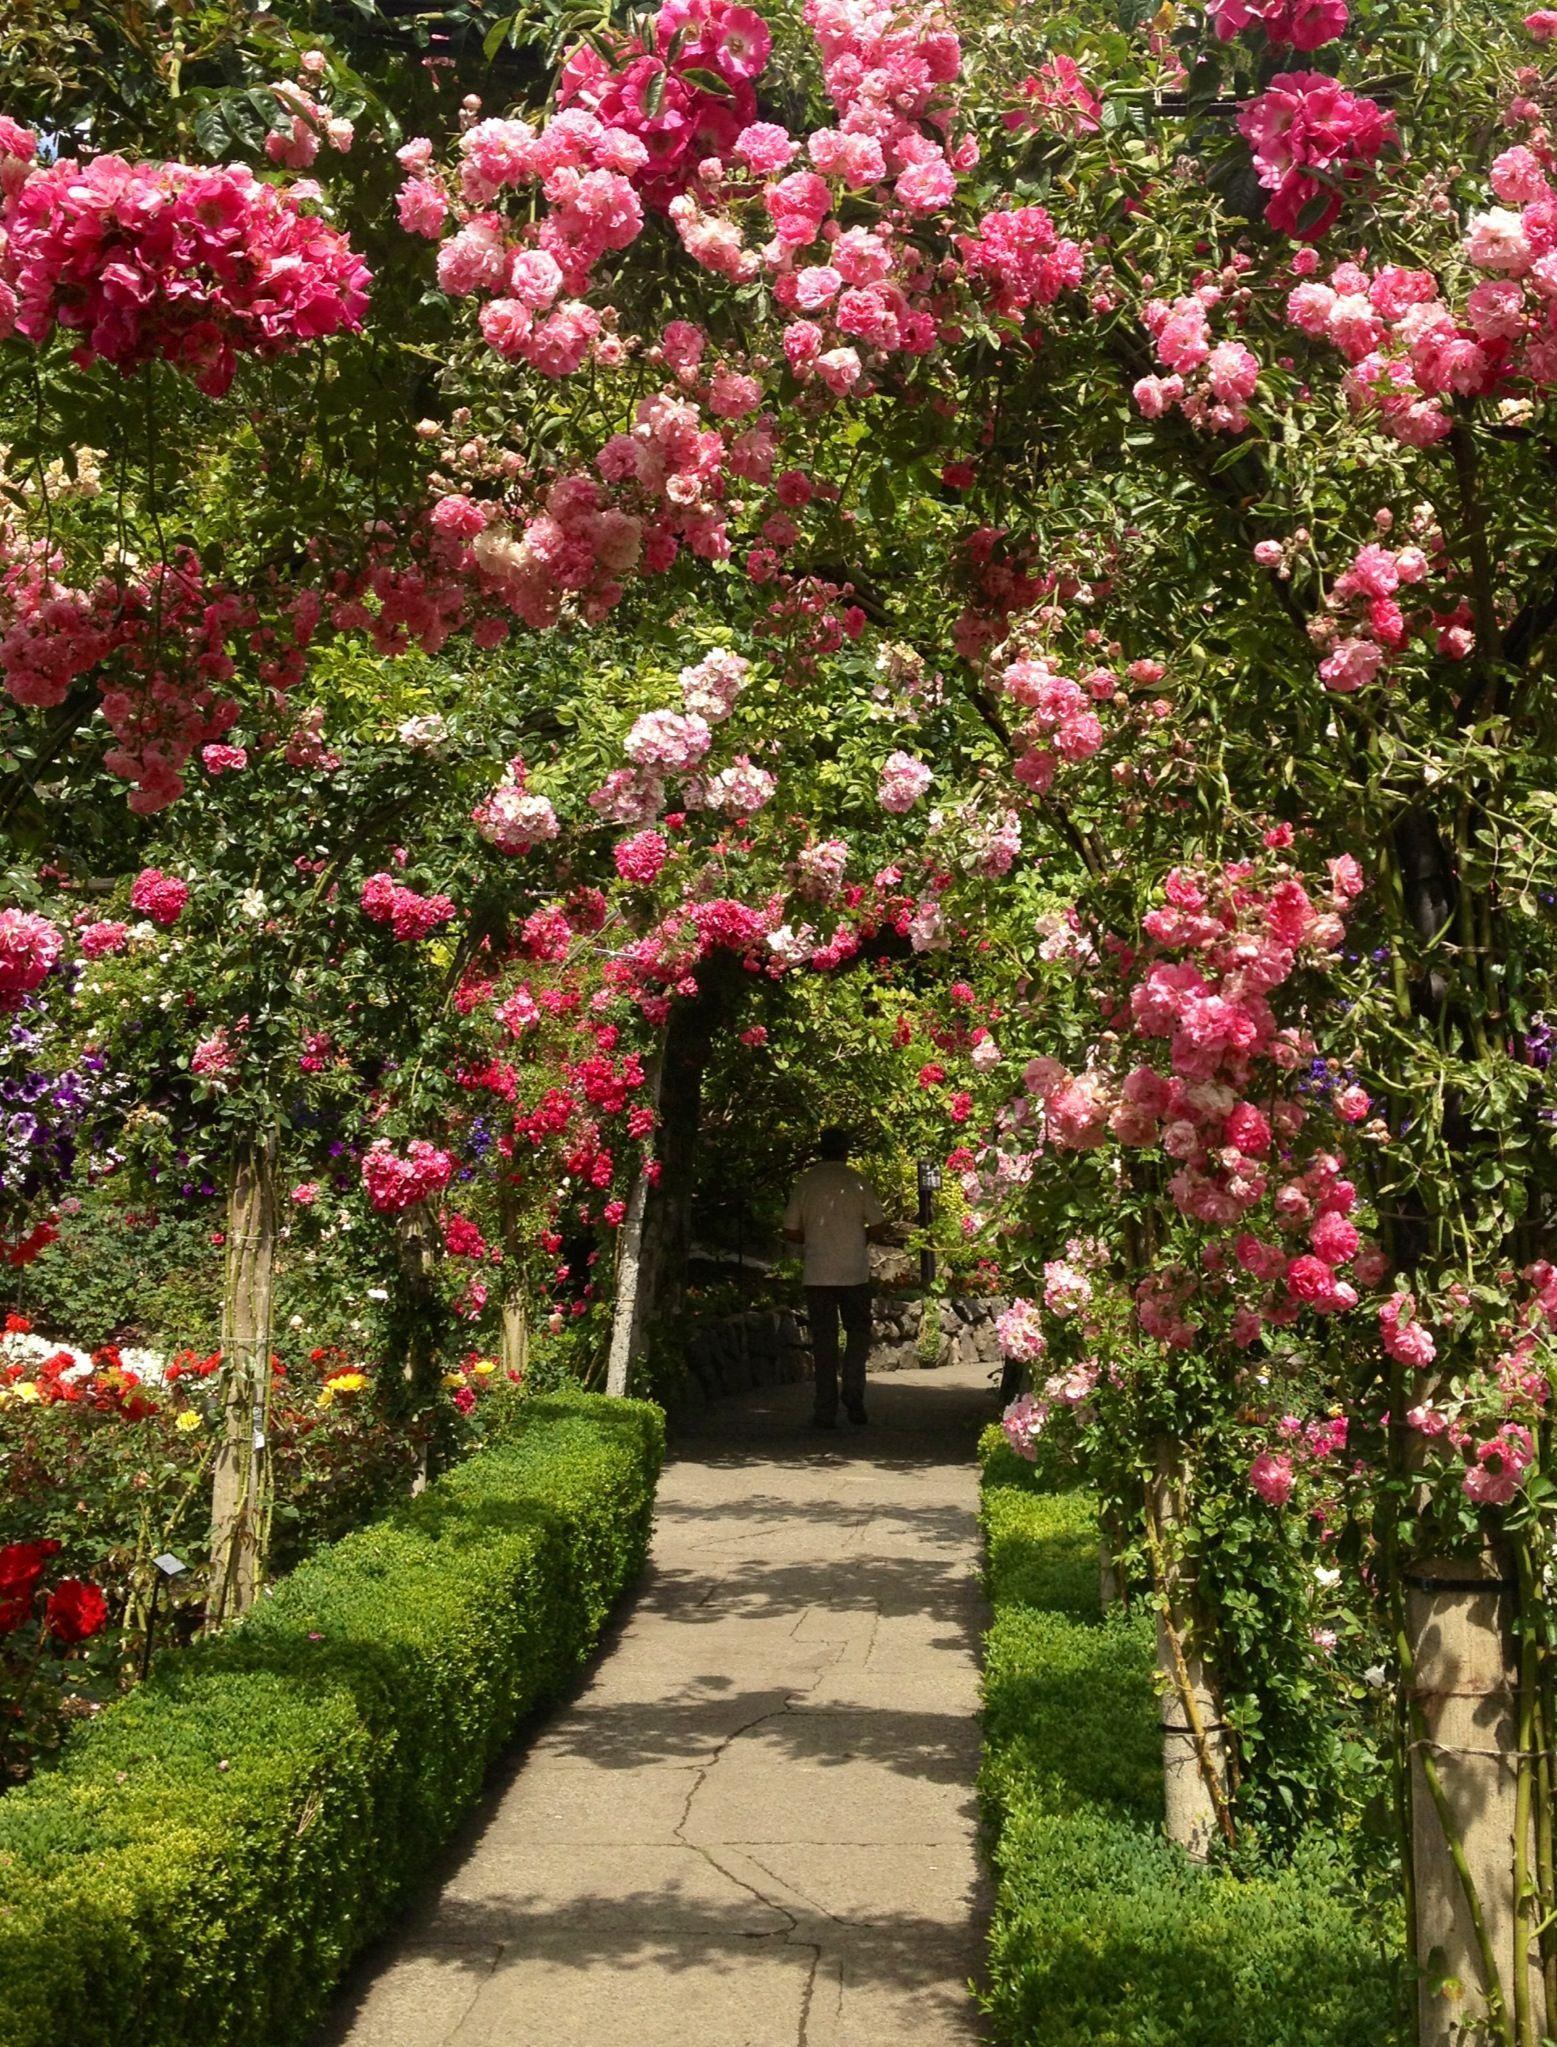 Rose Garden In June Butchart Gardens Victoria Bc Gardens #butchartgardens Rose Garden In June Butchart Gardens Victoria Bc Gardens #butchartgardens